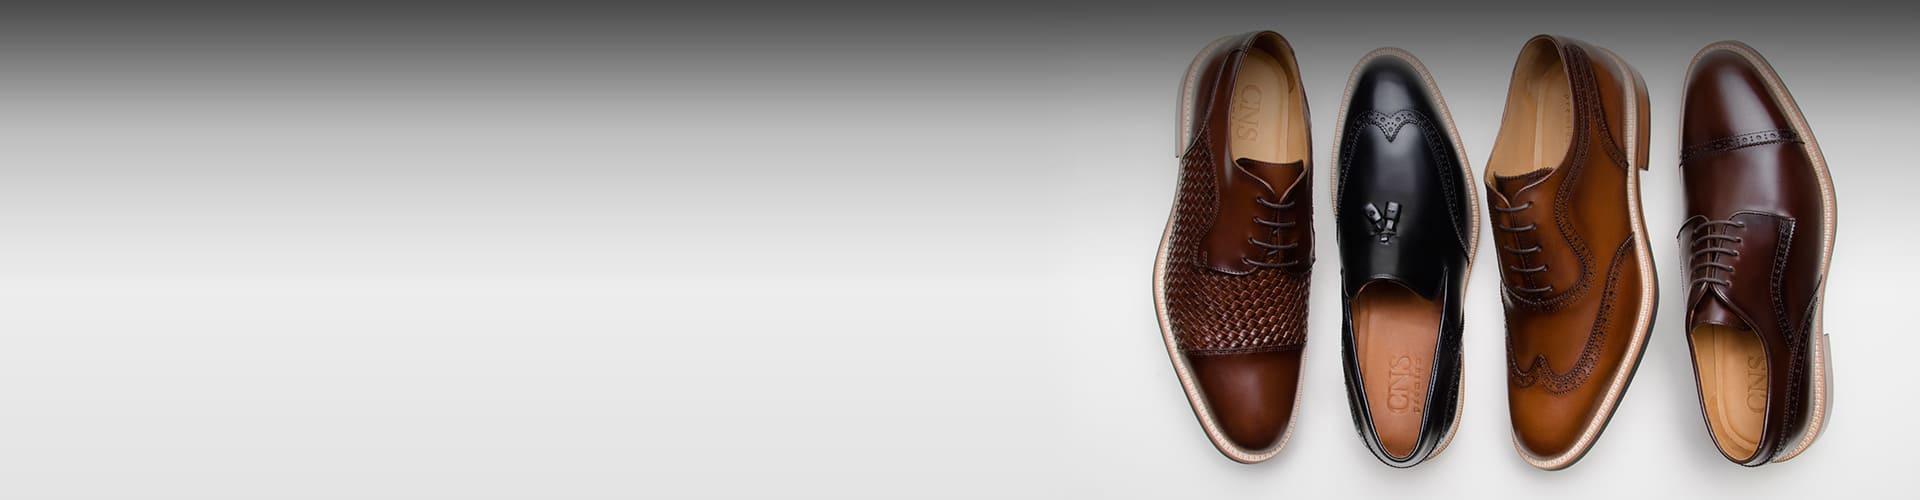 Modelos de Sapato Masculino e Acessórios